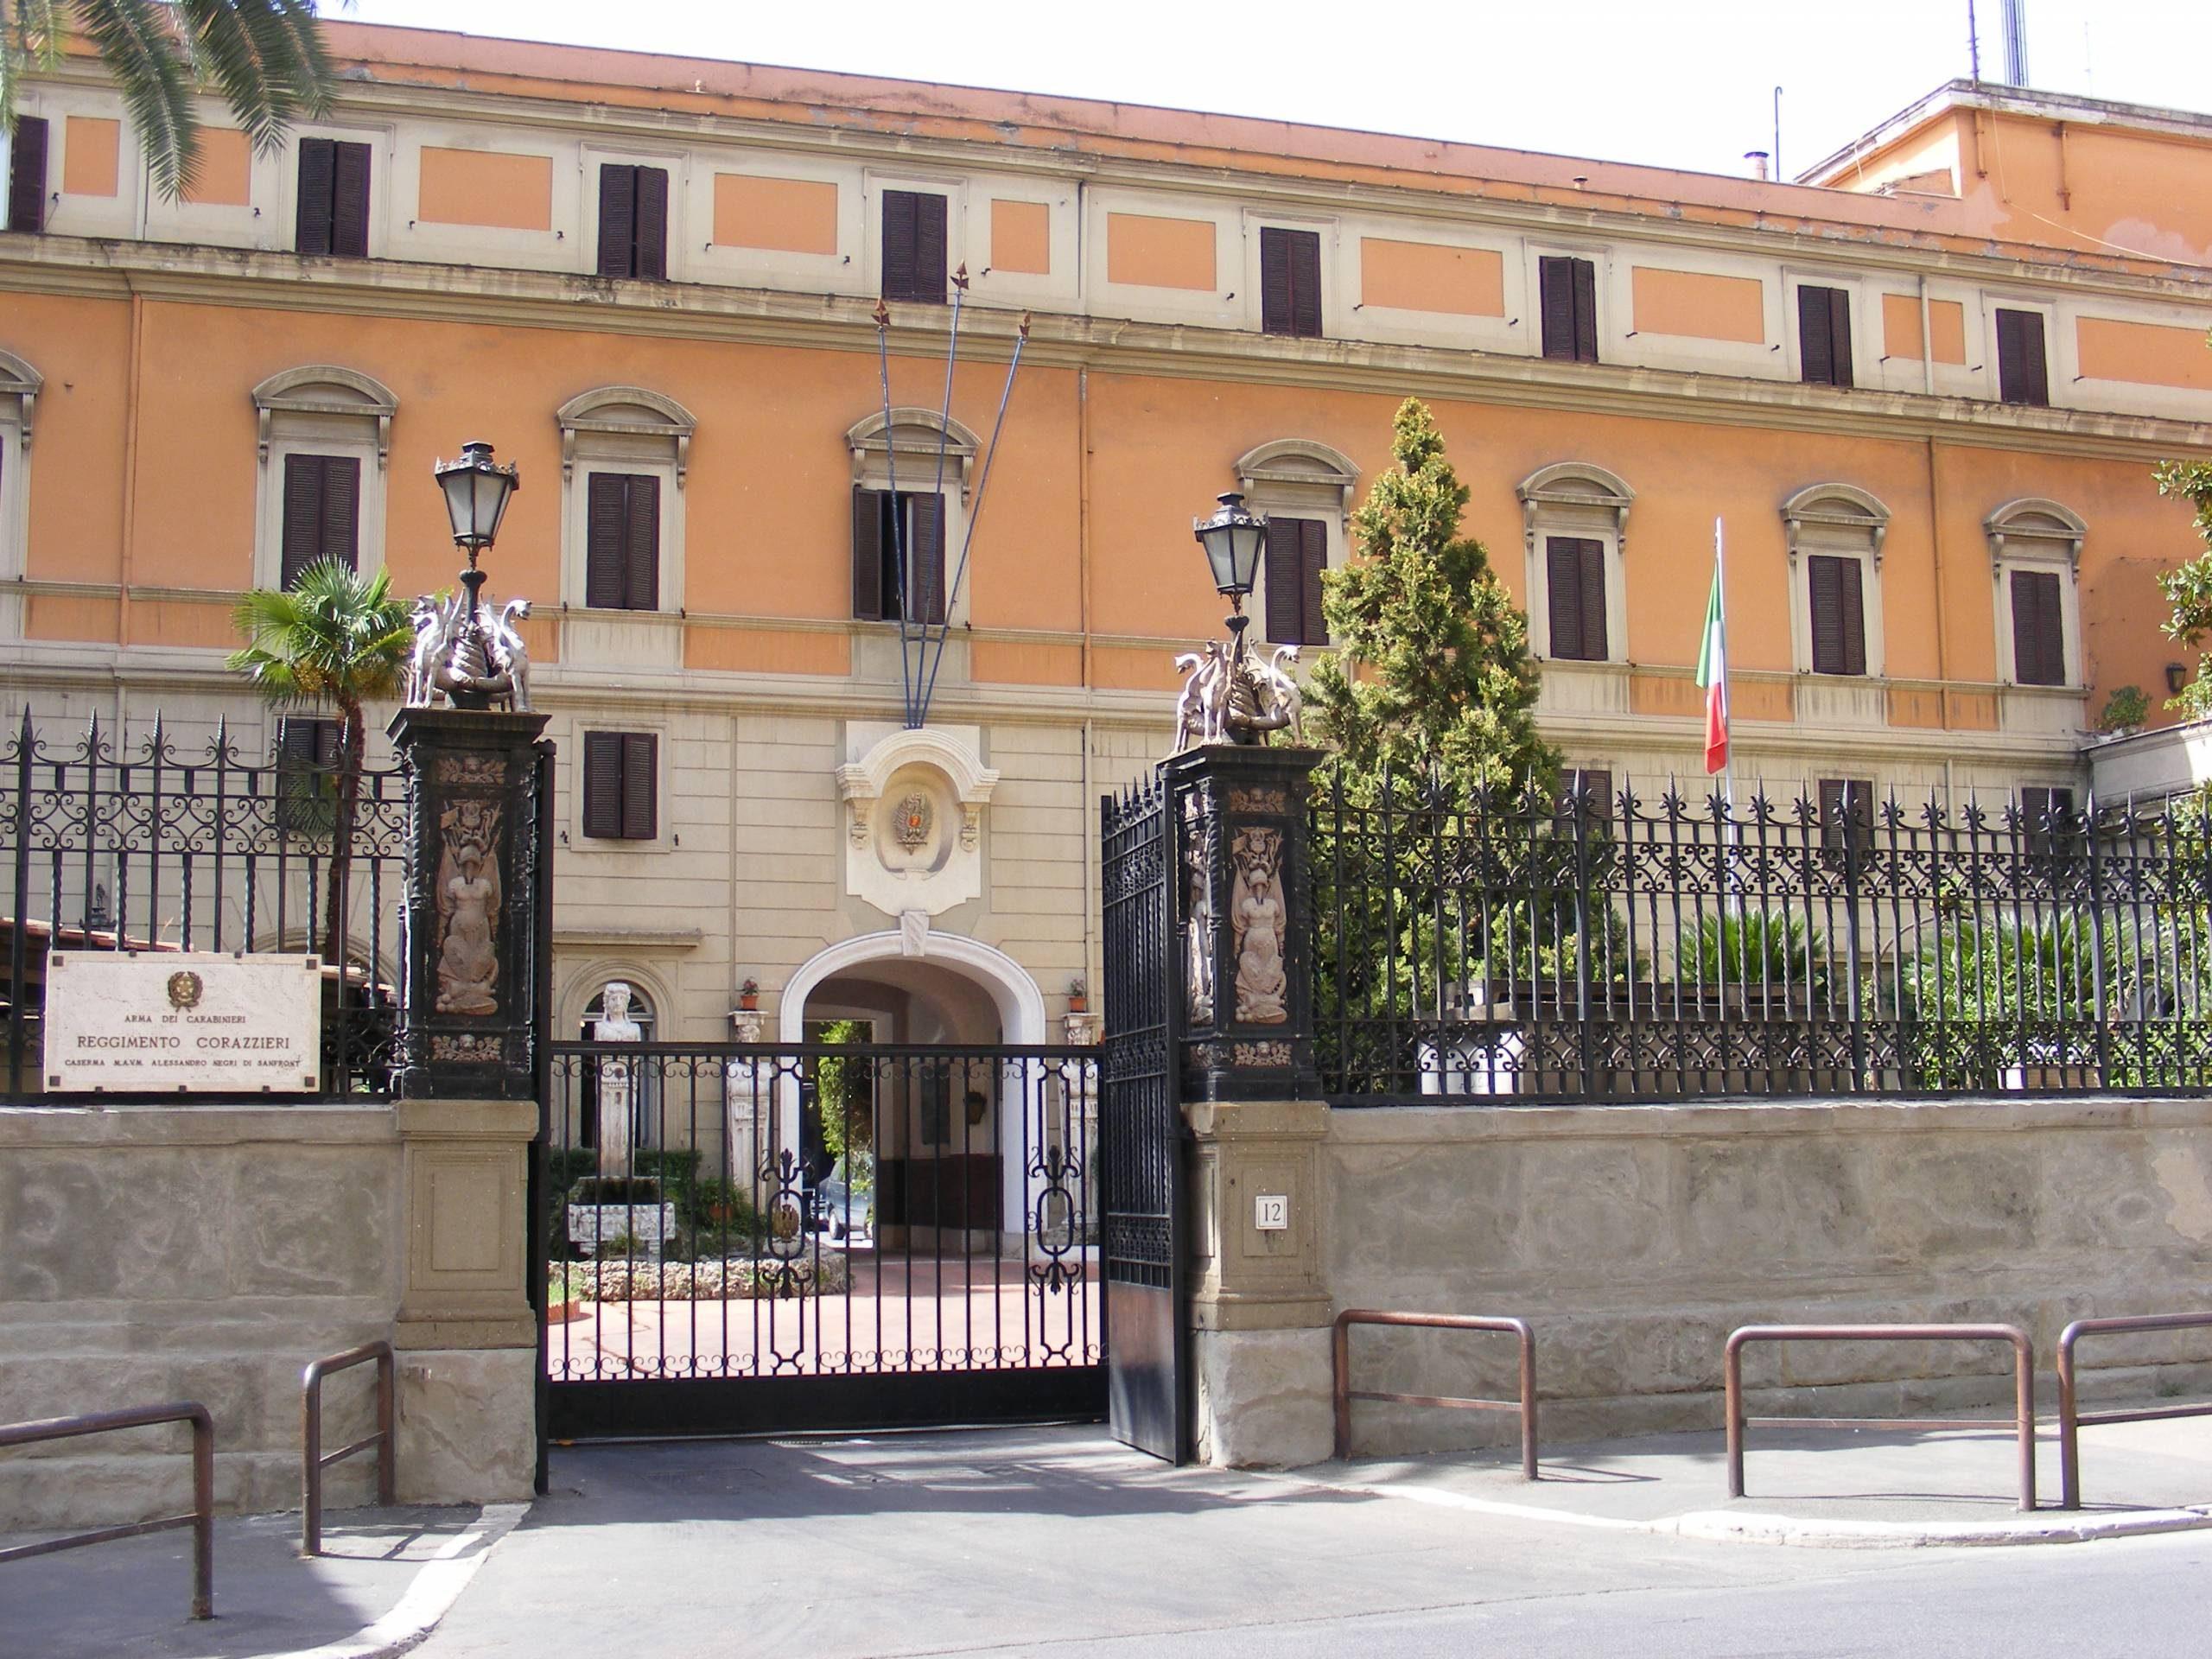 economies visite caserne des Corazzieri rome